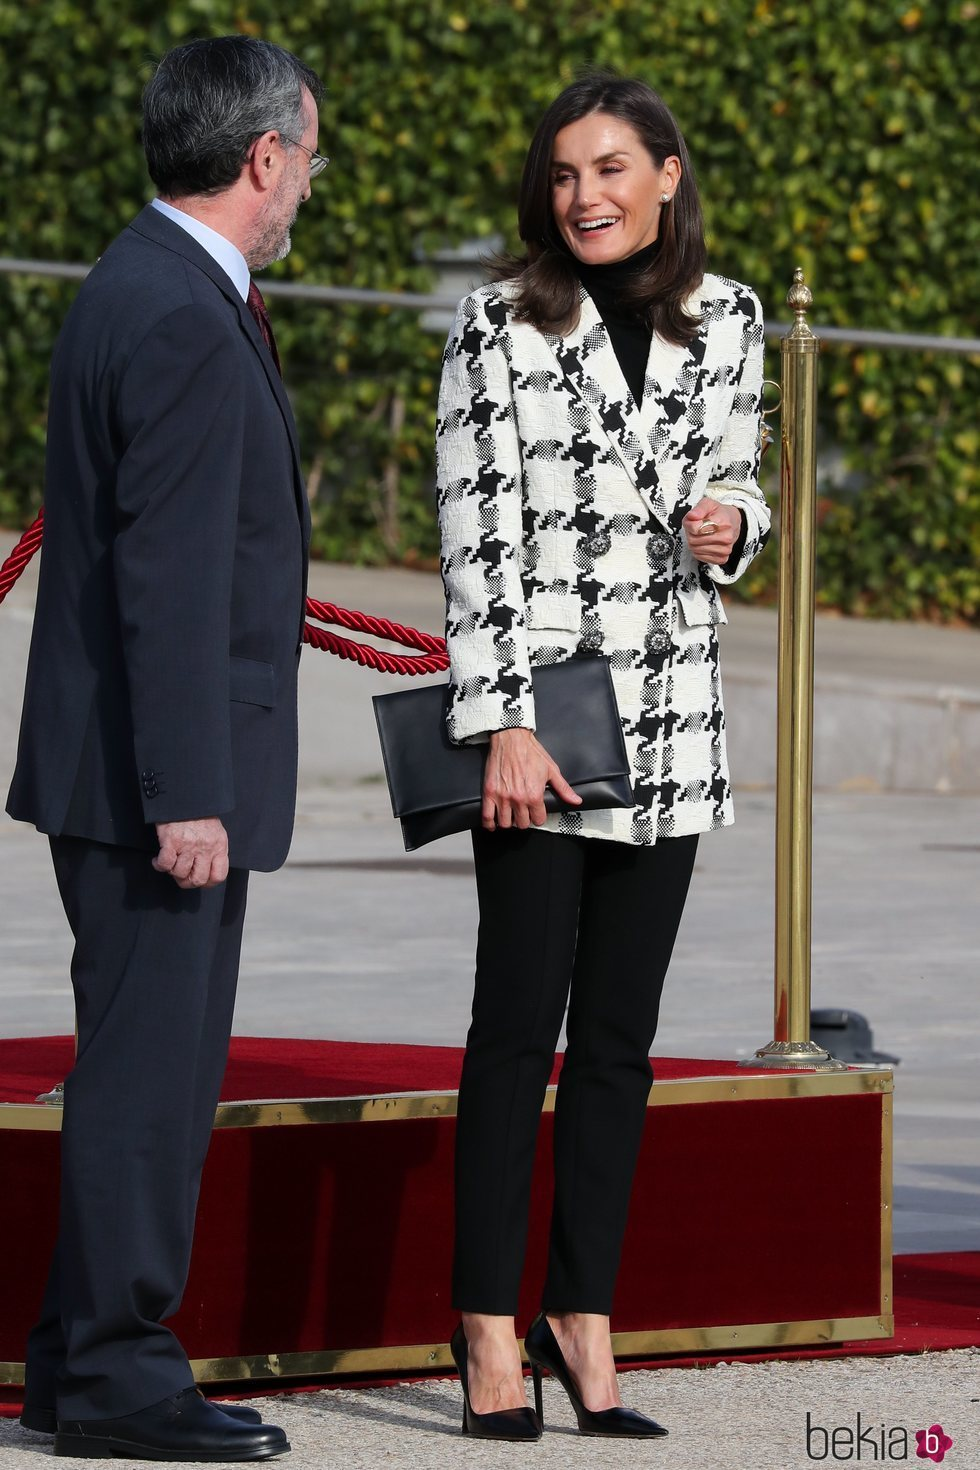 La Reina Letizia, muy sonriente antes de comenzar su Visita de Estado a Cuba